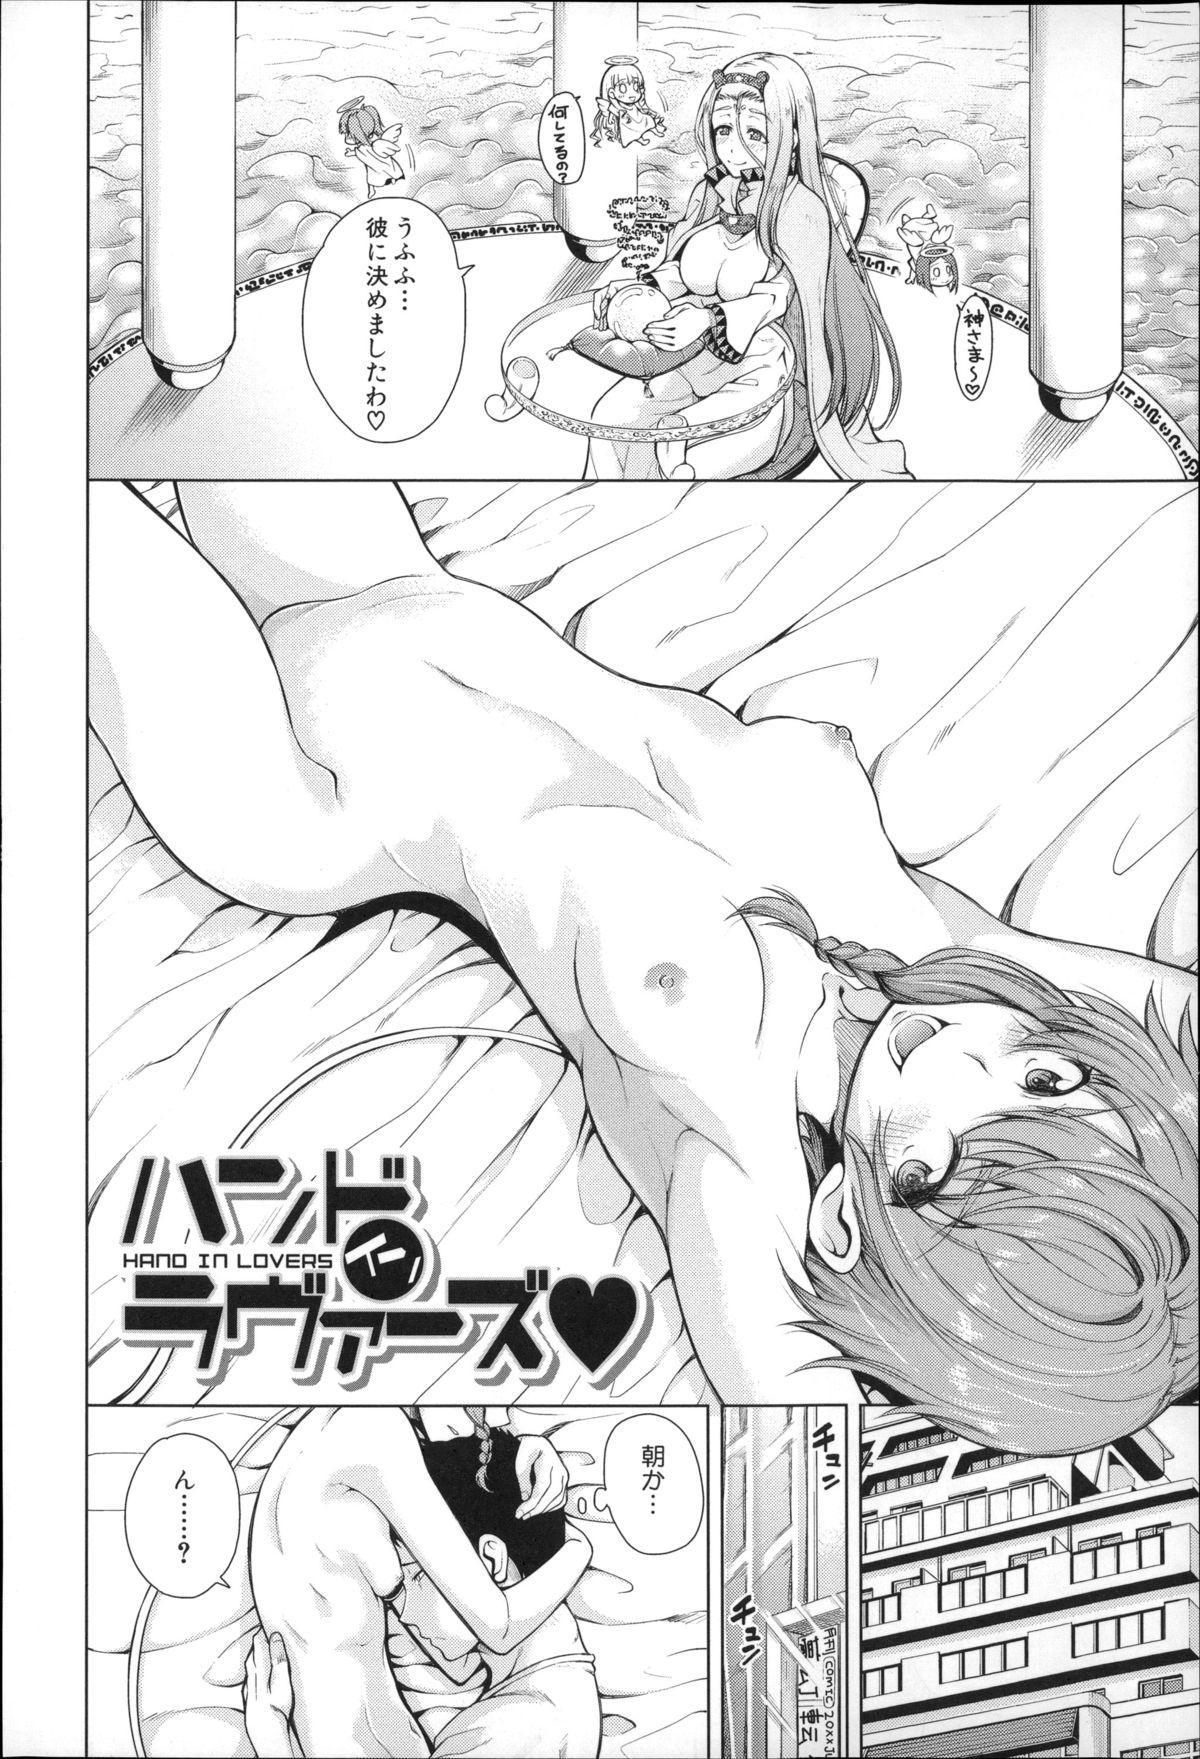 Migite ga Bishoujo ni Natta kara Sex Shita kedo Doutei dayone!! 6